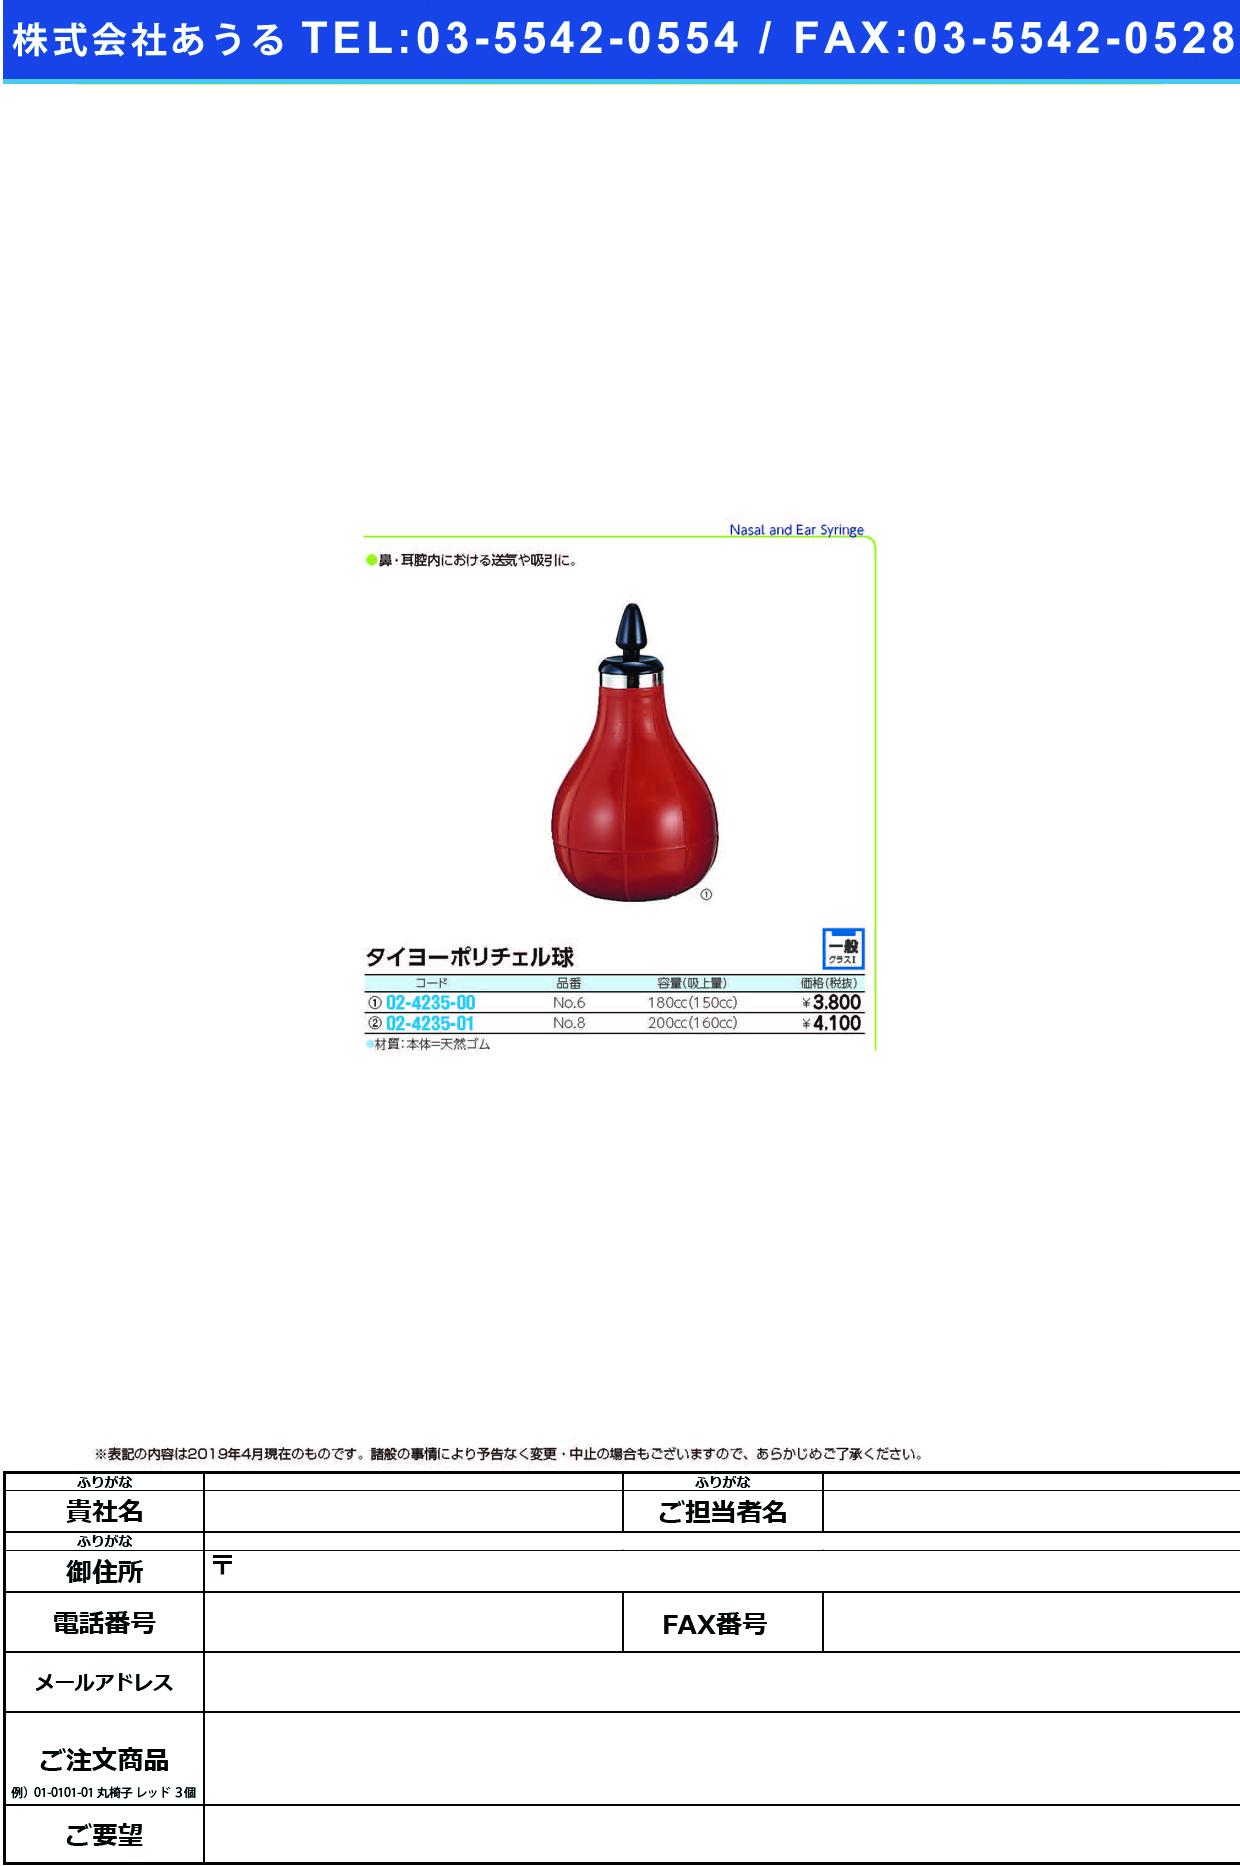 (02-4235-01)ポリチェル球 NO.8(200CC) ポリチェルキュウ【1個単位】【2019年カタログ商品】